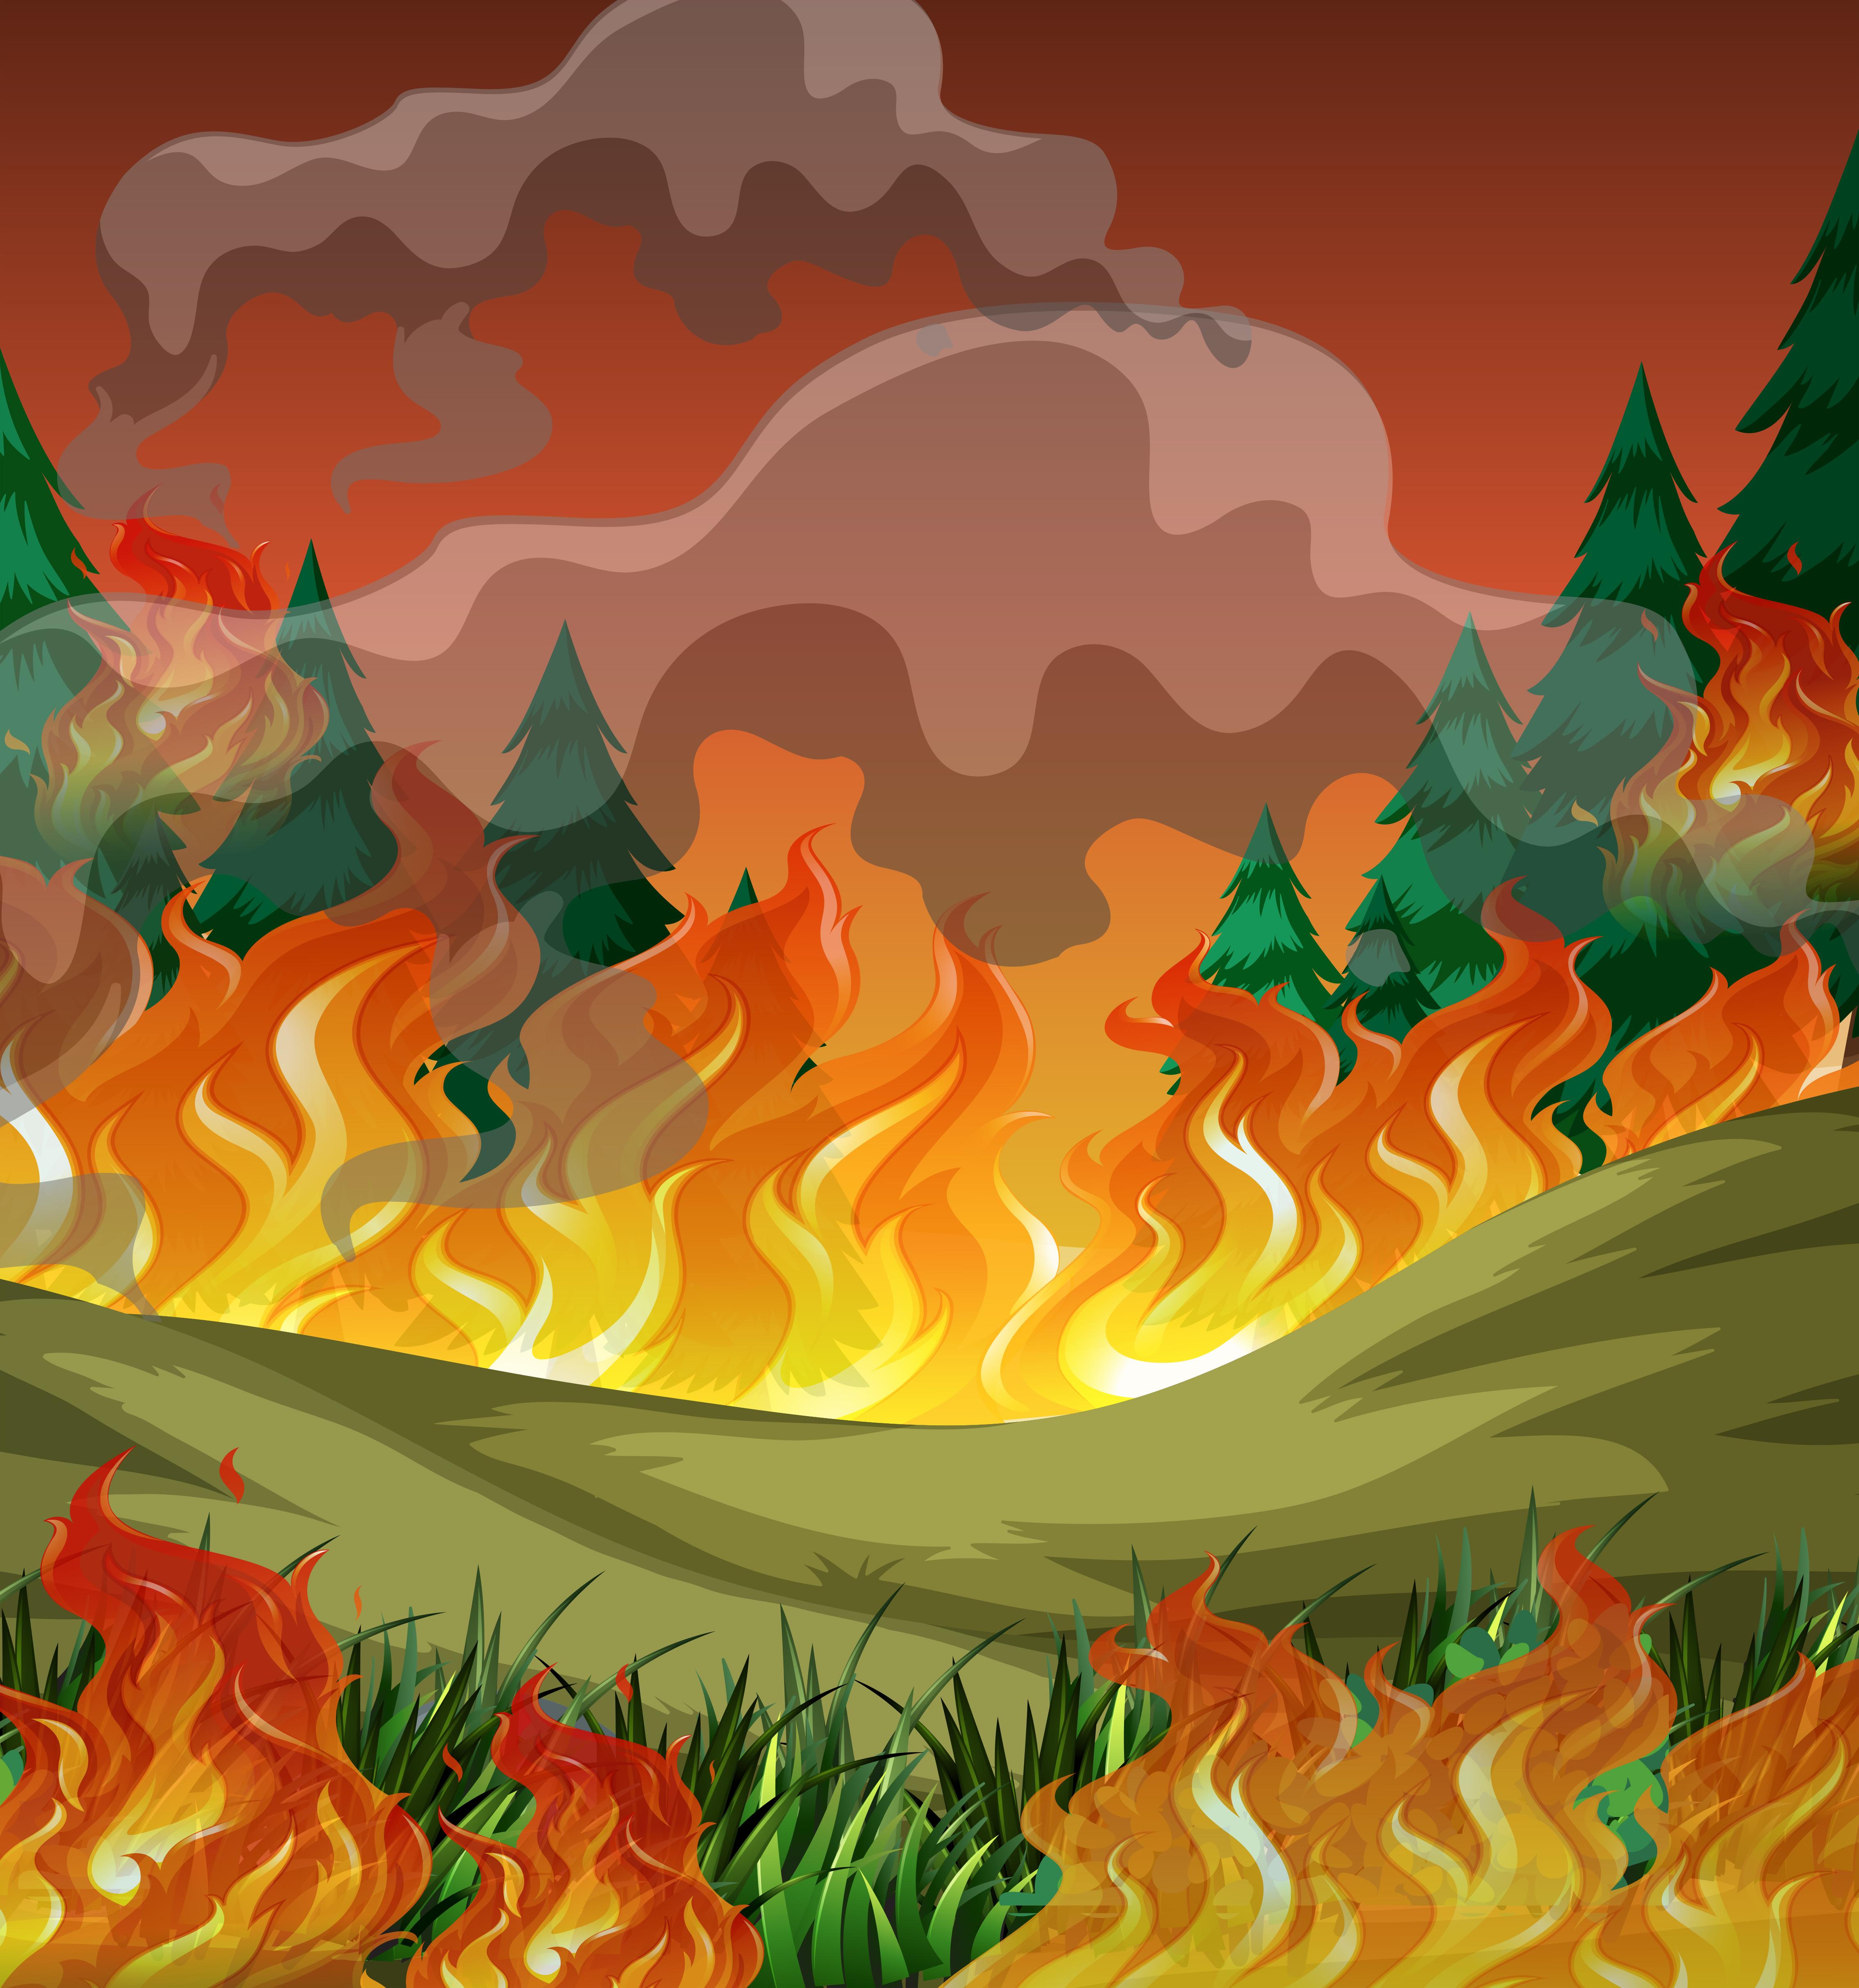 火背景 免費下載 | 天天瘋後製